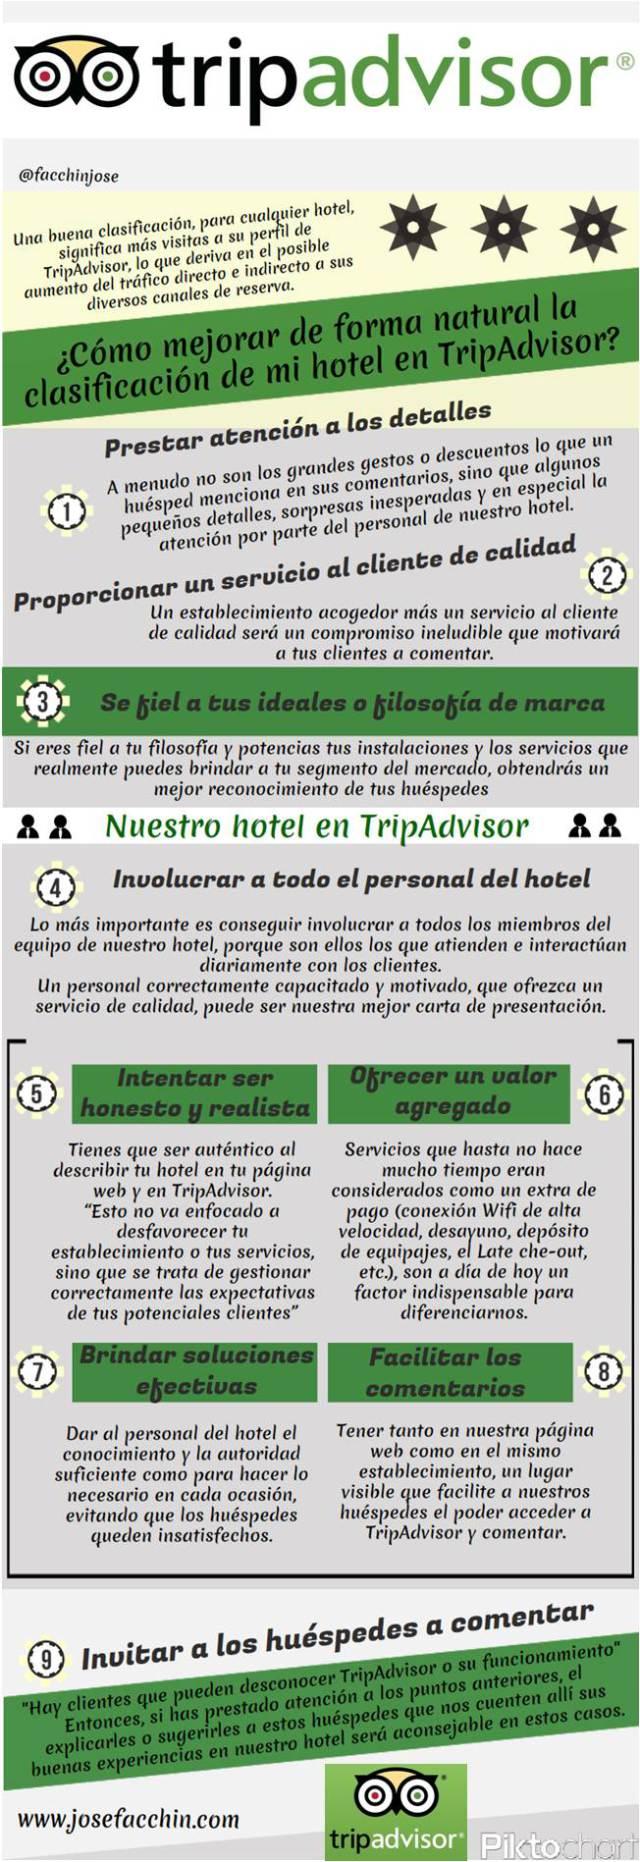 Cómo mejorar la clasificación de tu hotel en TripAdvisor